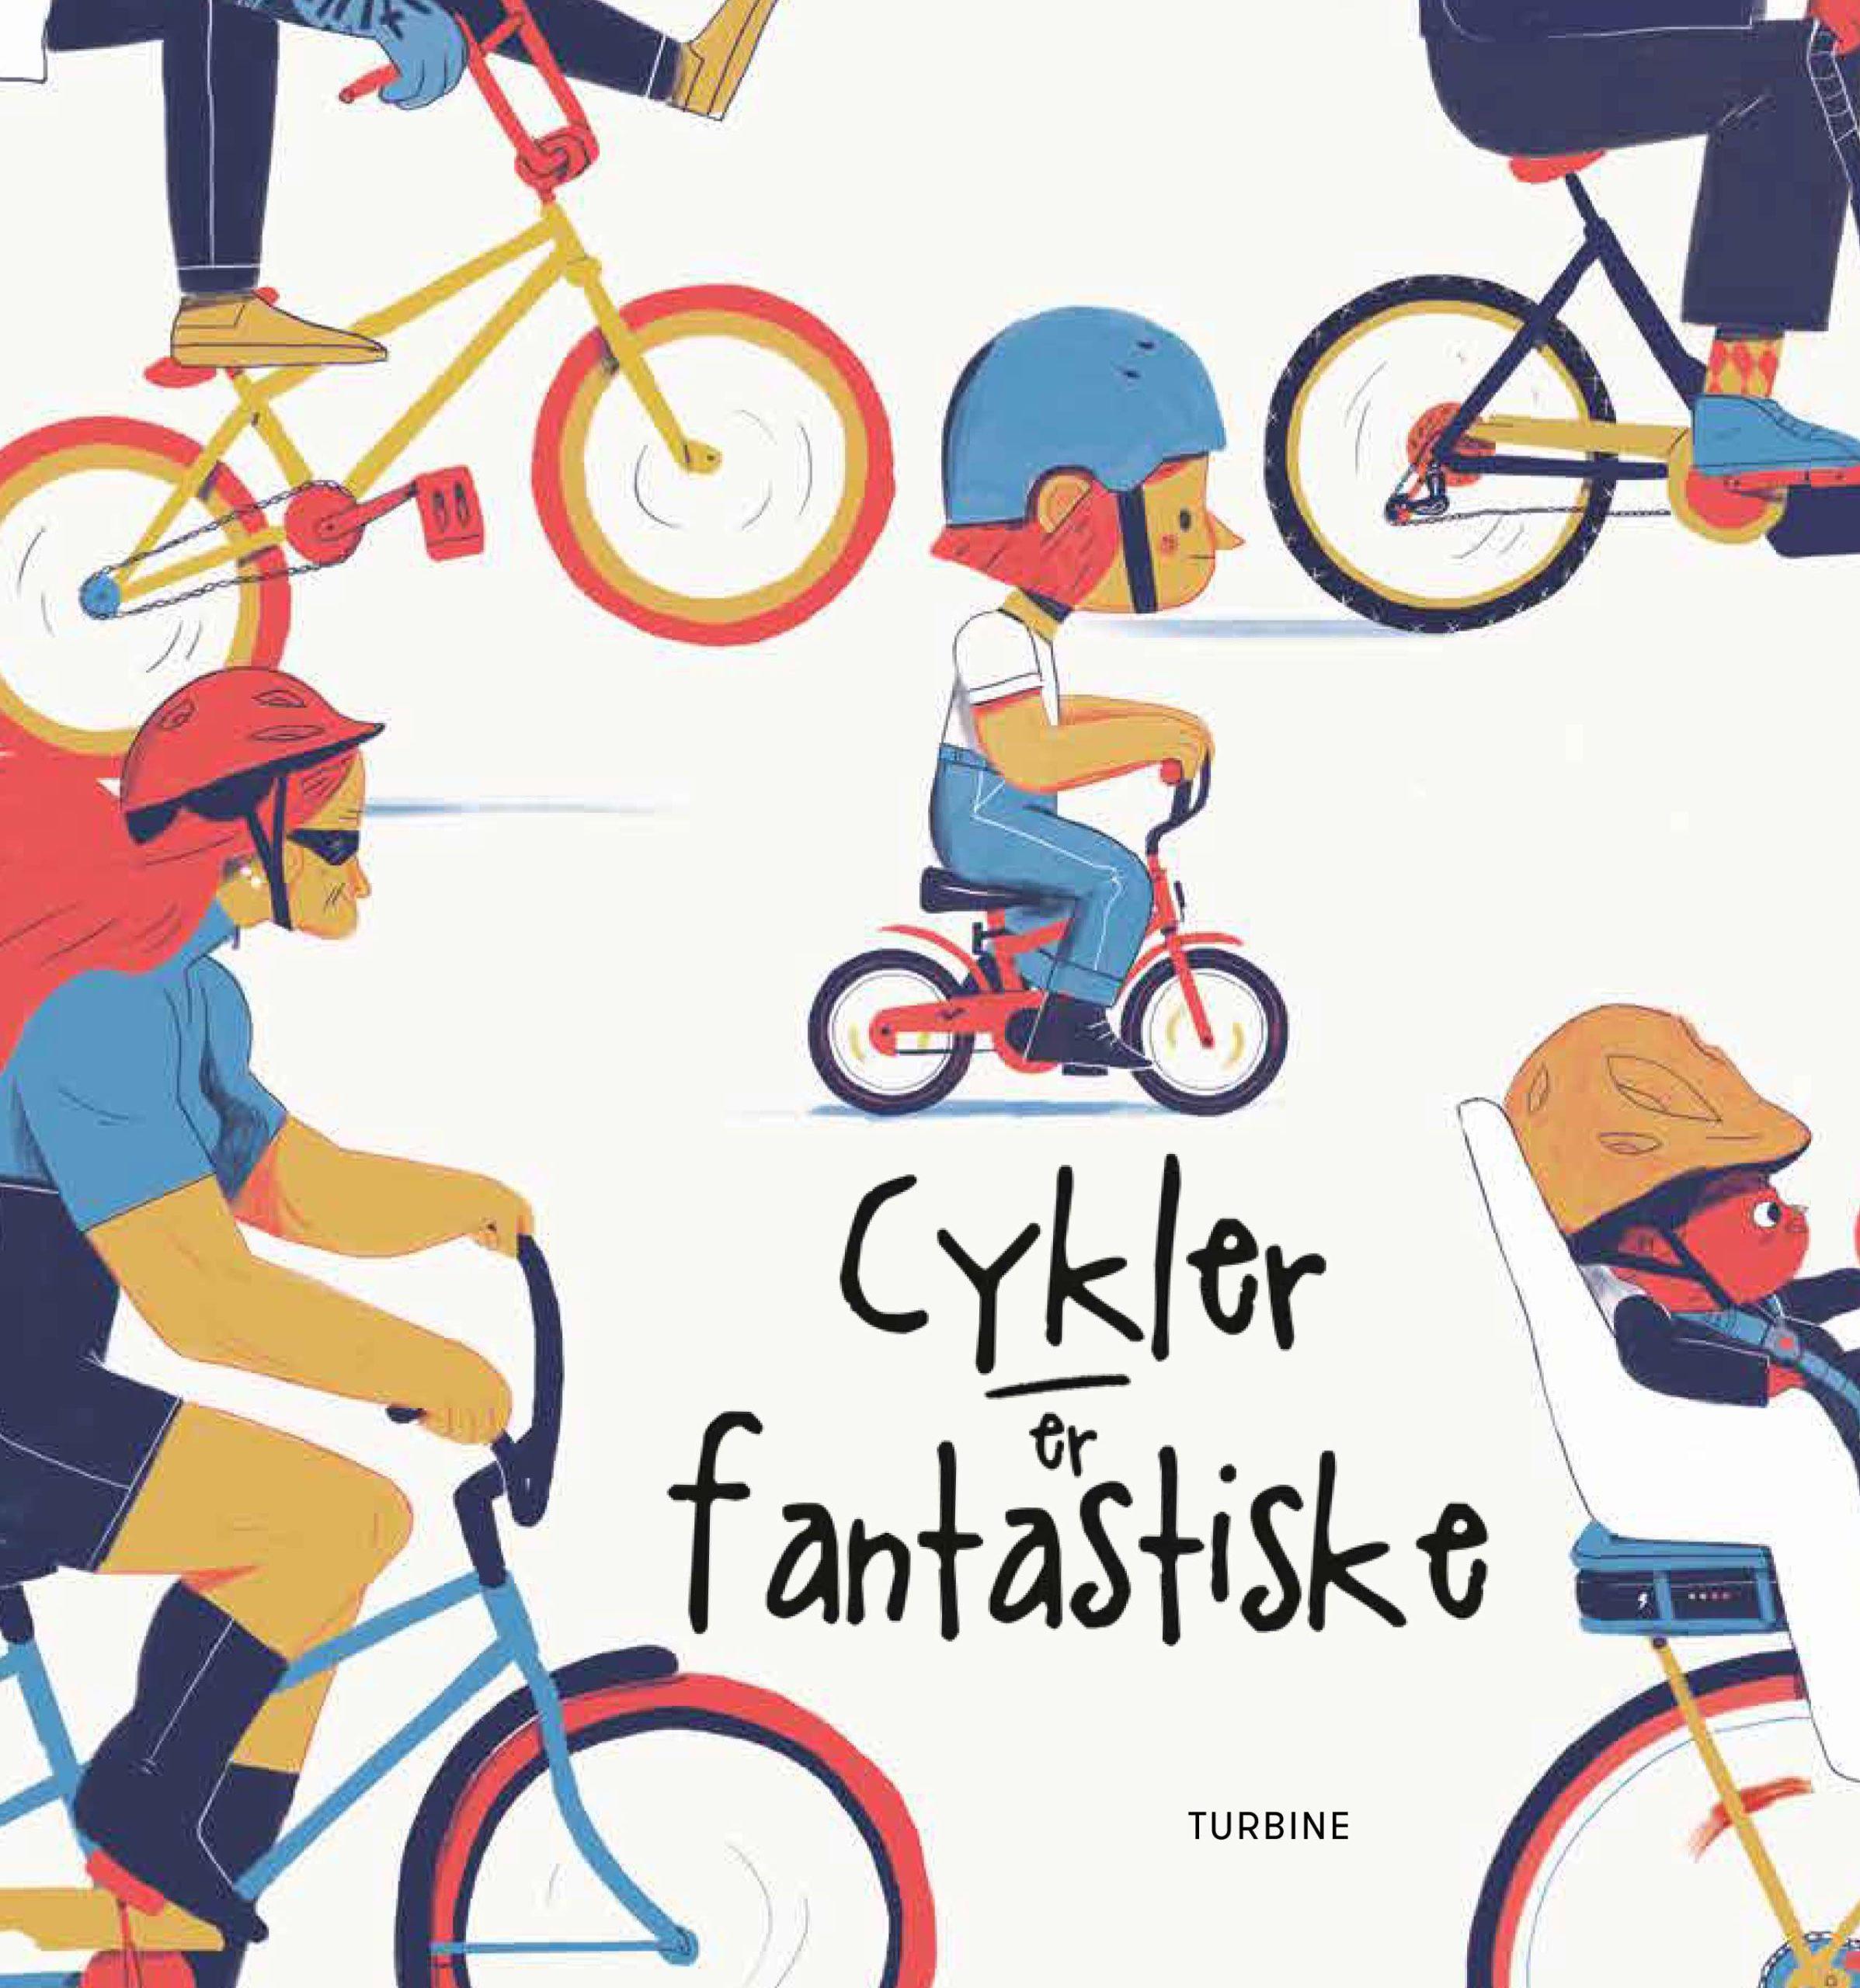 Cykler er fantastiske